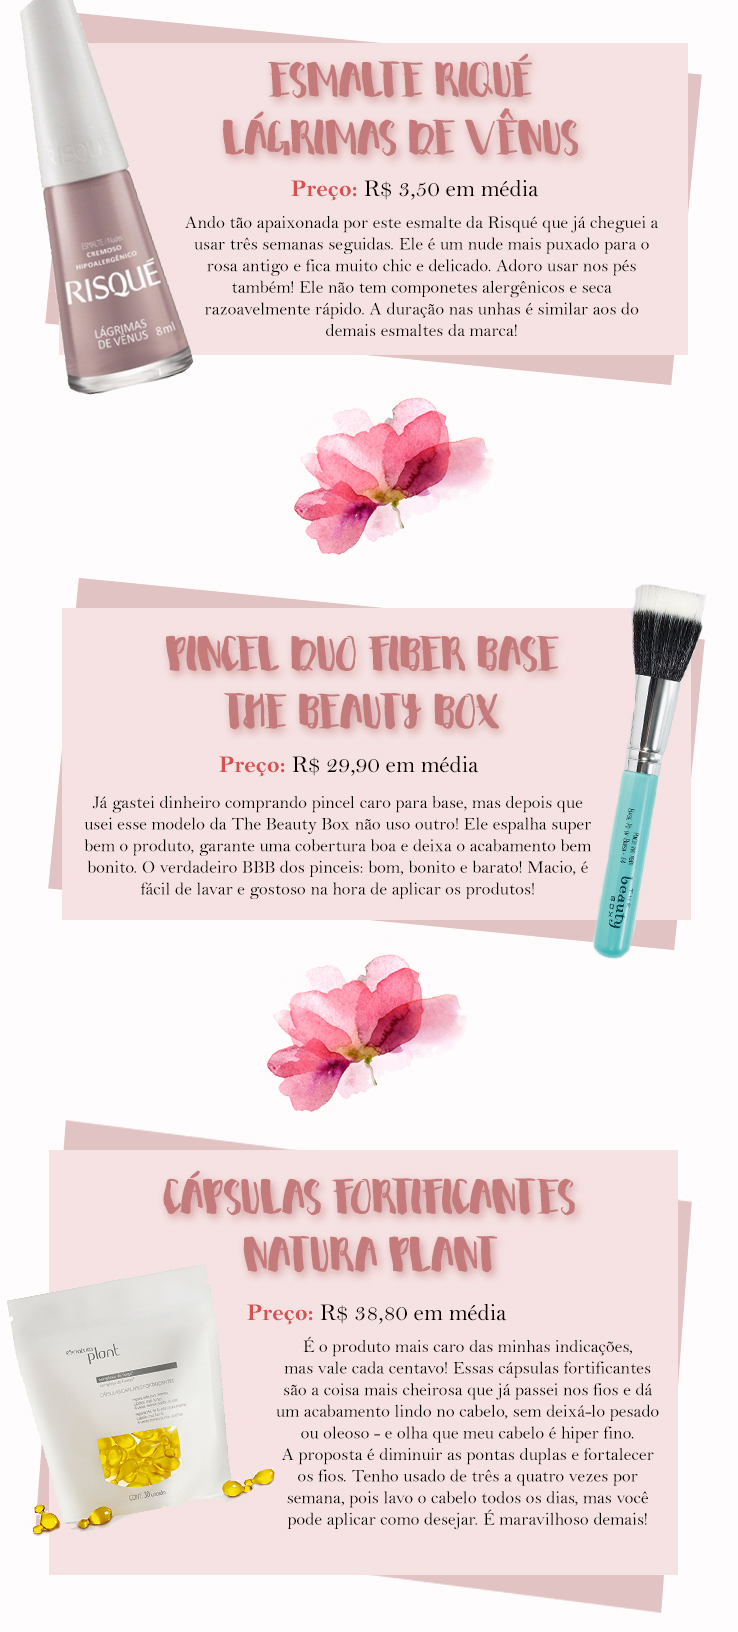 5 produtos de beleza bons e baratos - parte 2